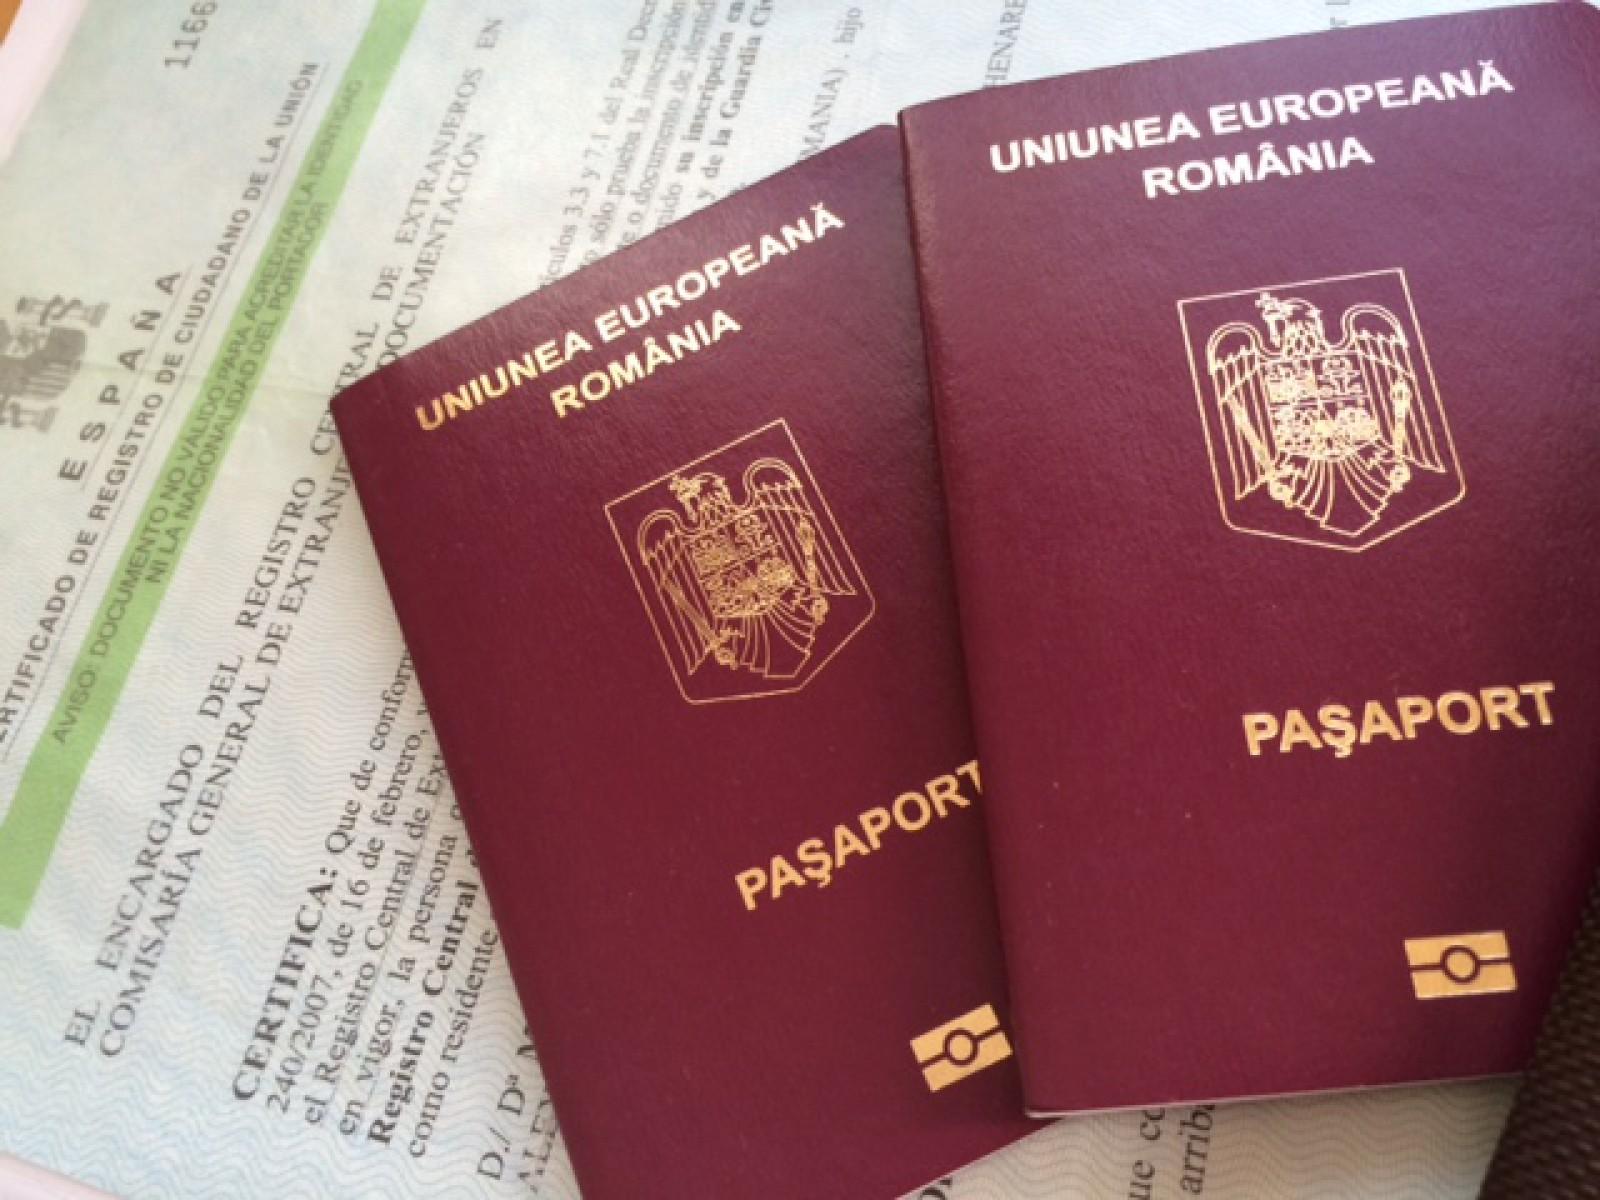 Legea care extinde valabilitatea paşapoartelor românești la 10 ani, promulgată de președintele Iohannis, intră în vigoare